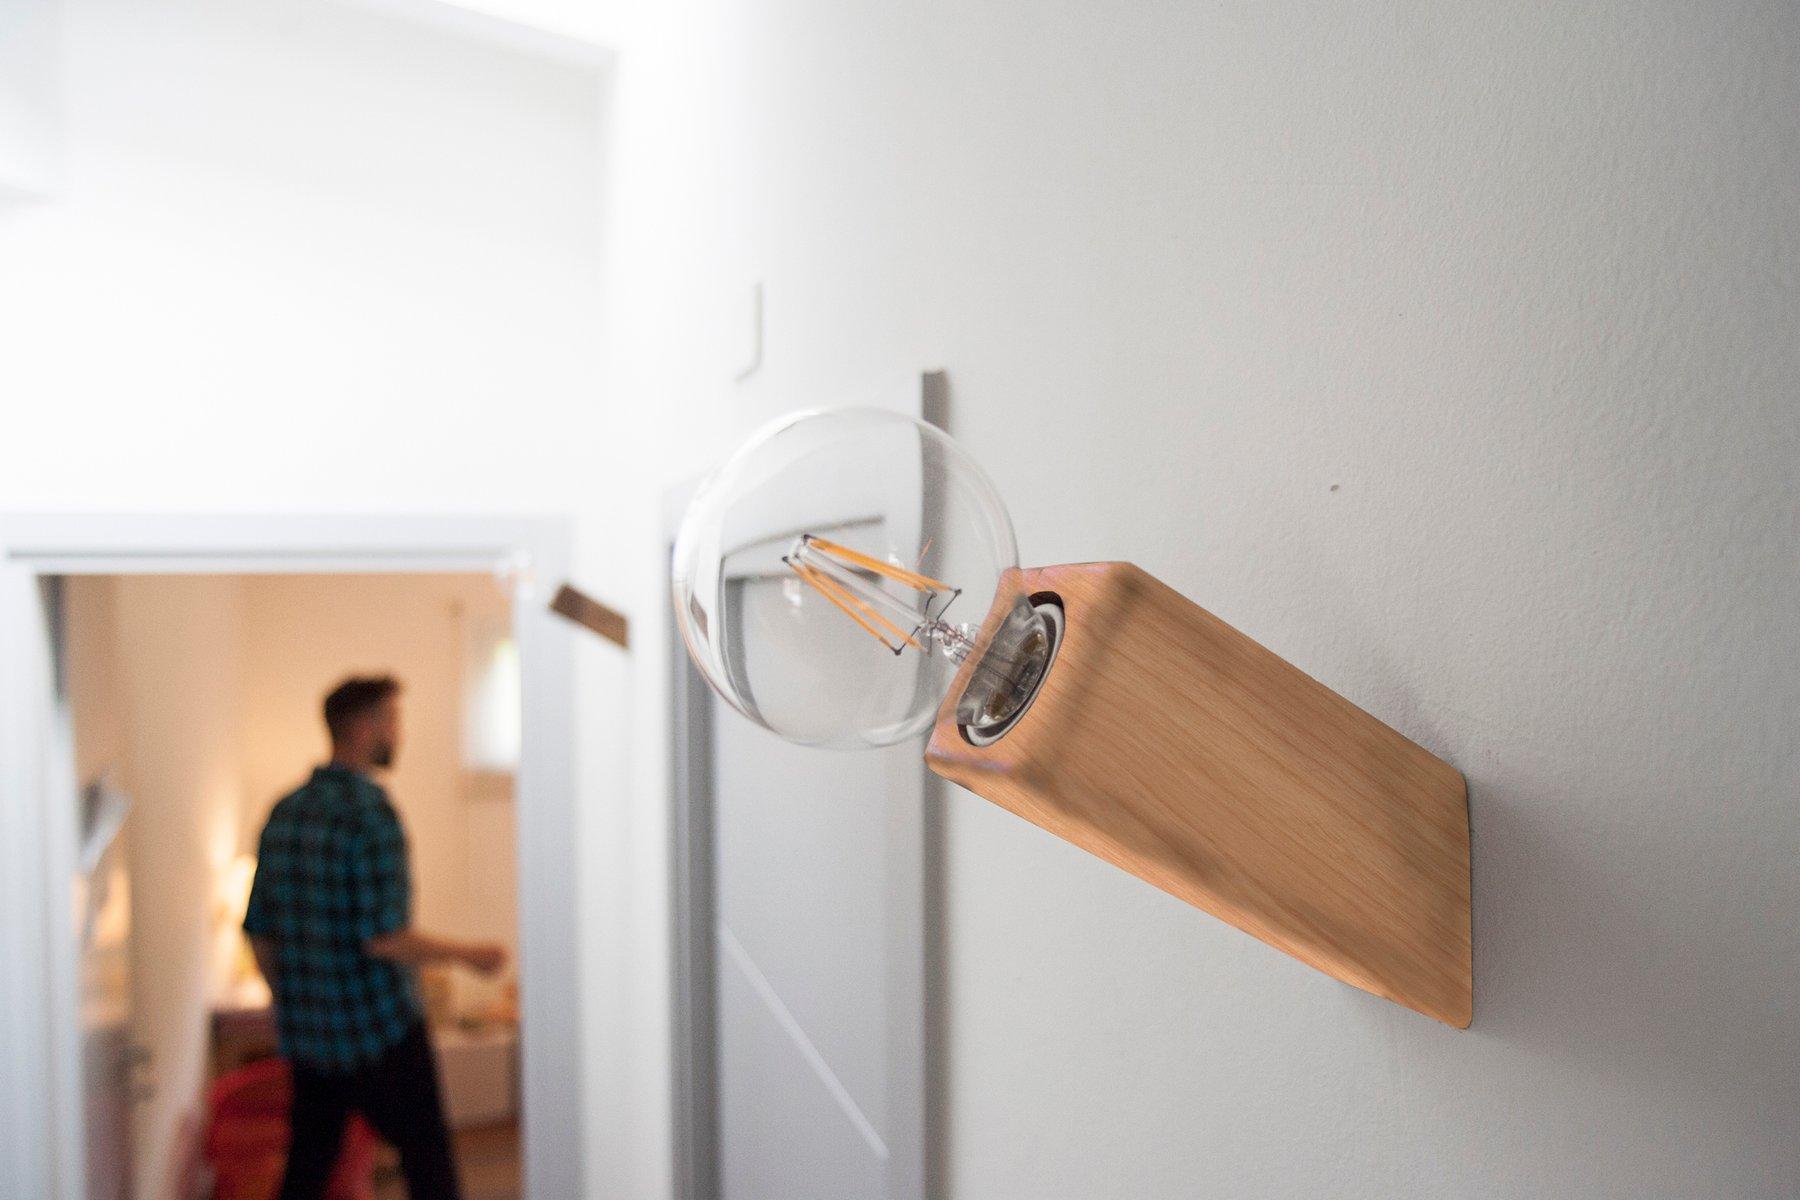 Lampade da parete e d appoggio led u tecnica nella luce u led